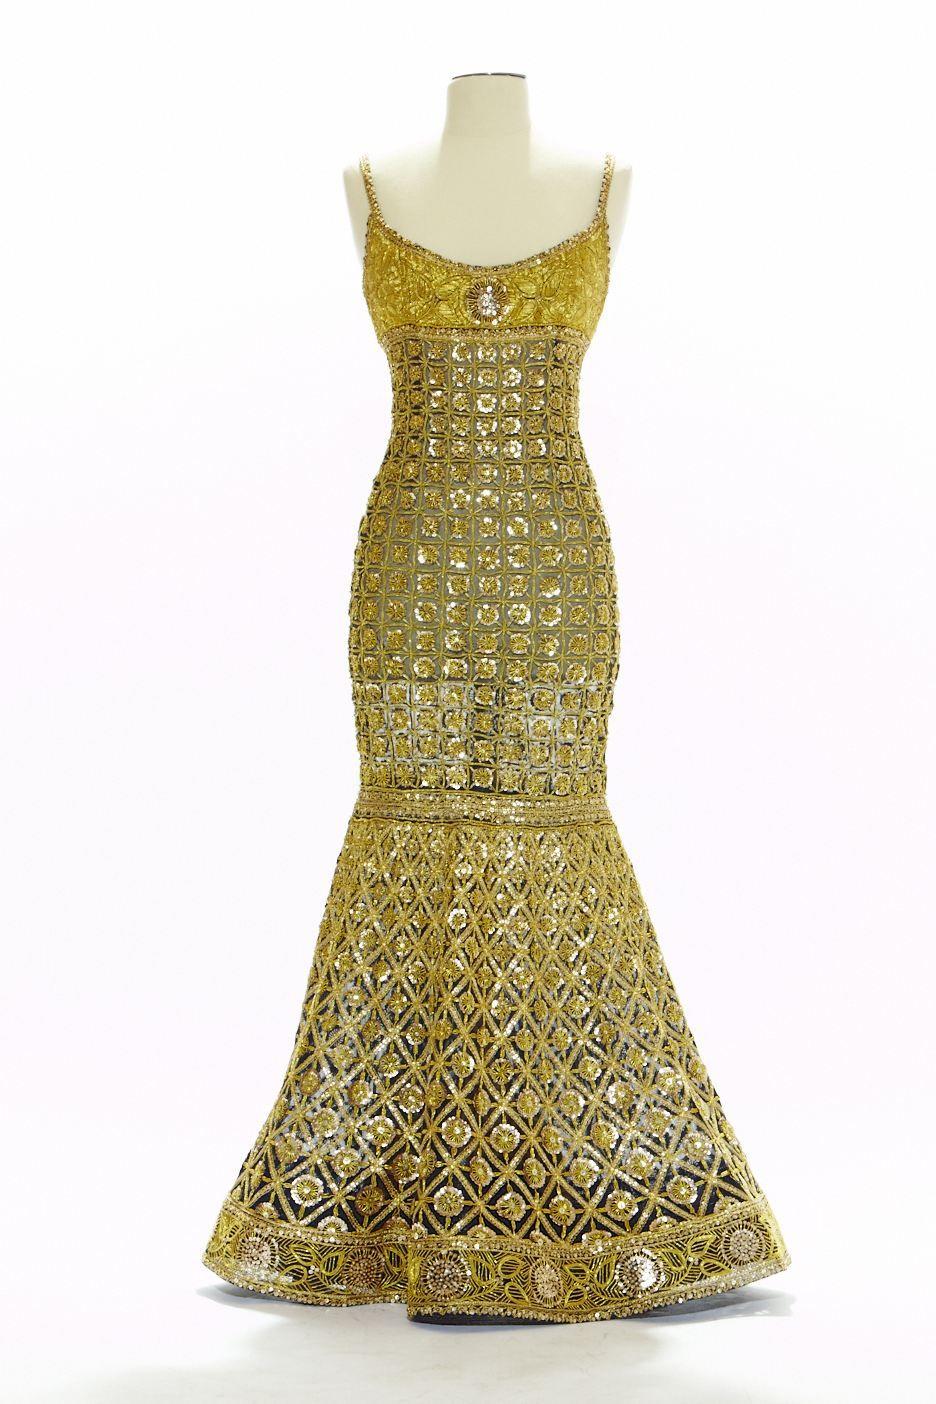 KARL LAGERFELD GOLD COROMANDEL DRESS DONATION BY MOUNA AYOUB TO THE MUSEE DE LA MODE ET DES ARTS DECORATIFS PARIS